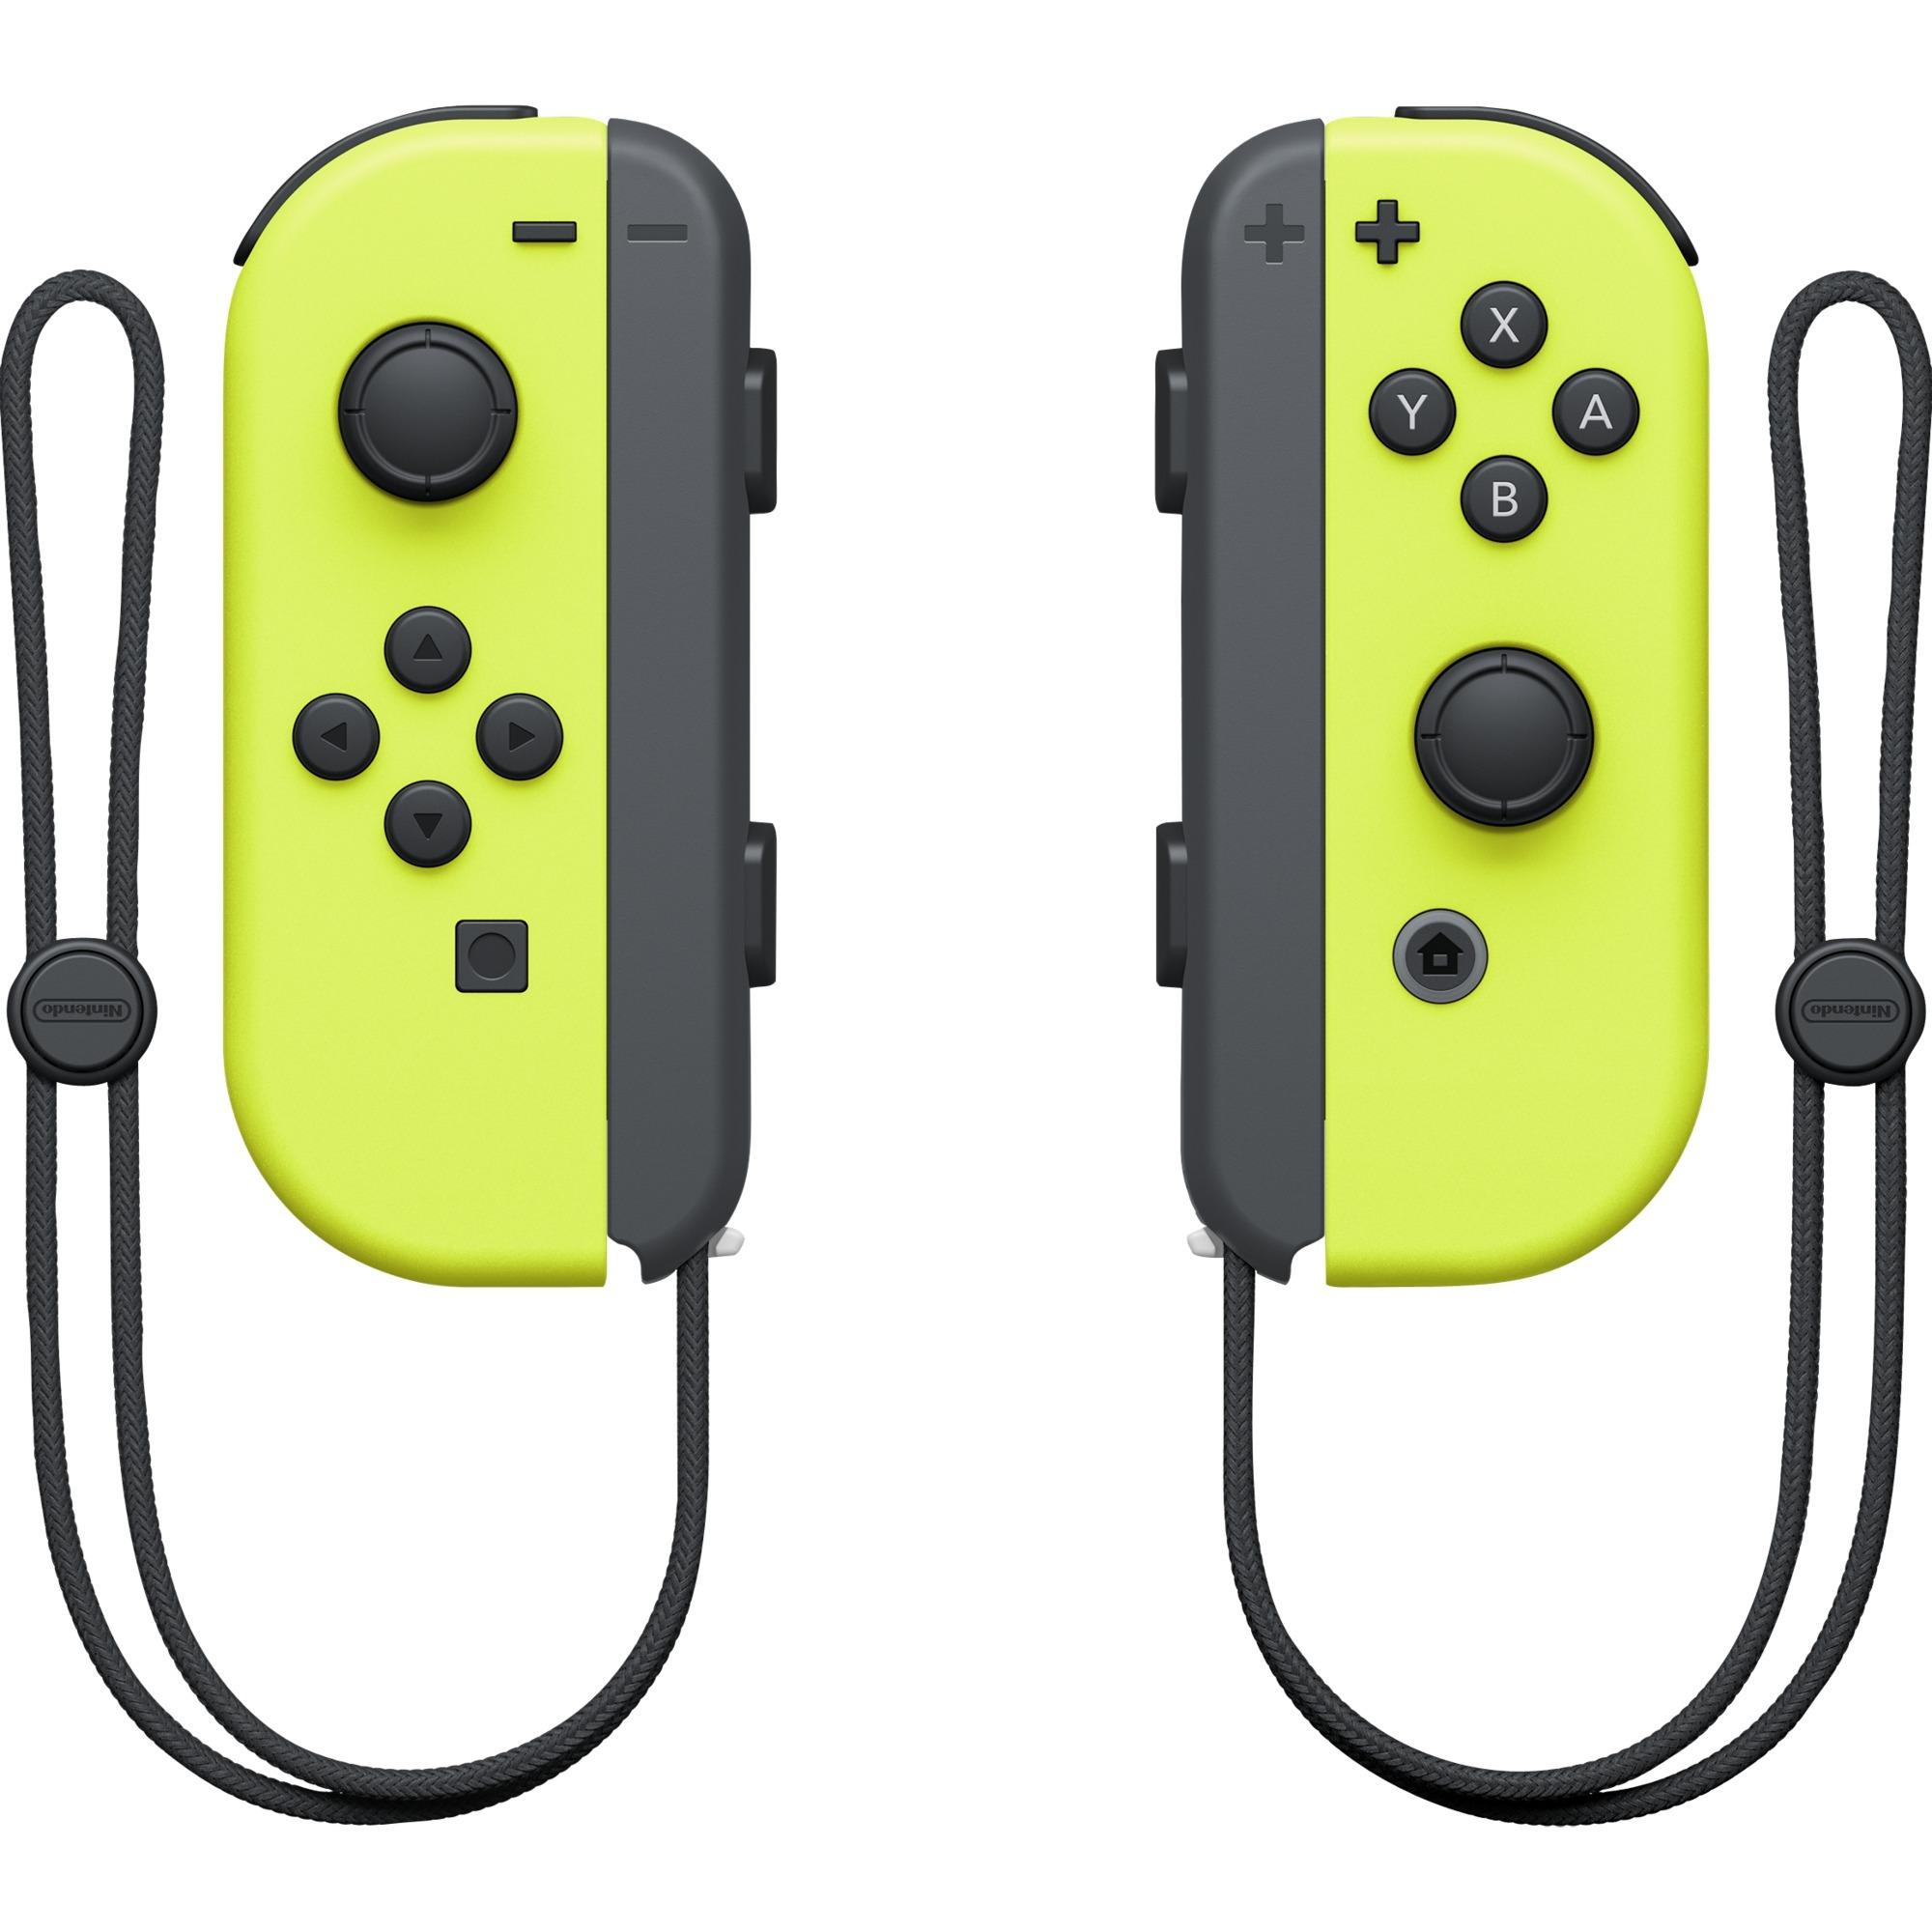 Switch Neon Yellow Joy-Con Controller Set Manette de jeu Nintendo Switch Jaune, Commande de mouvement